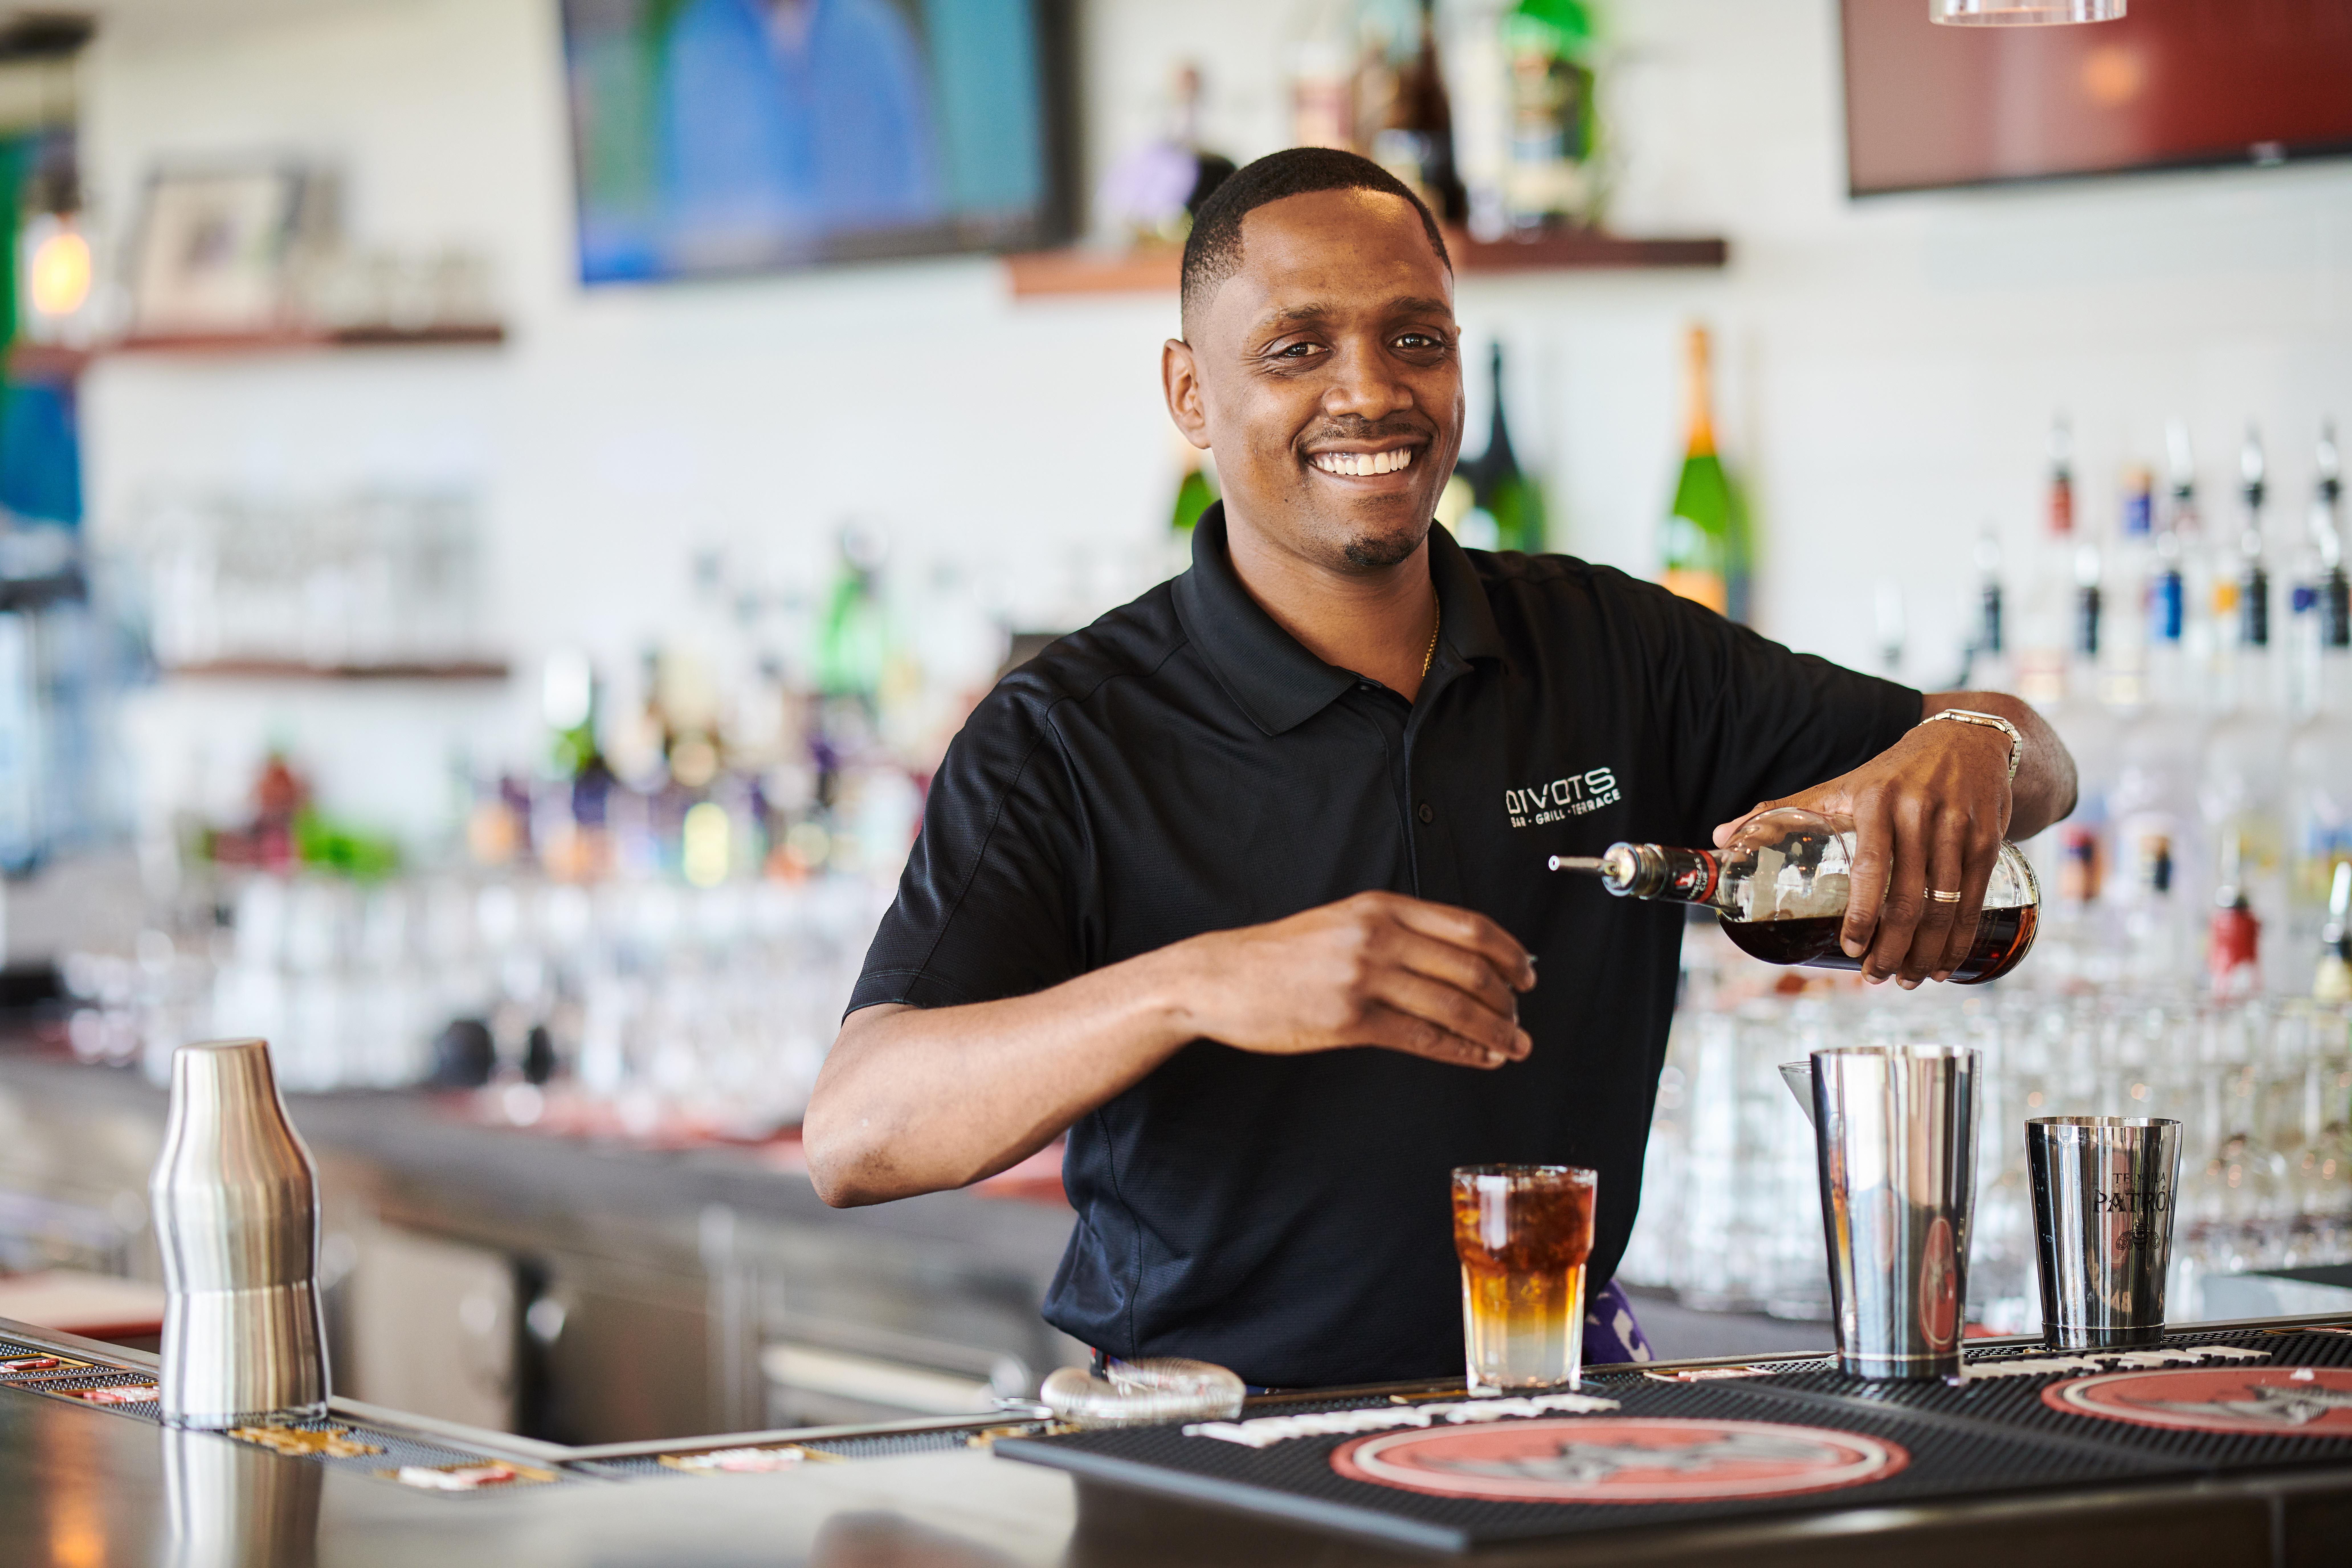 divots bar